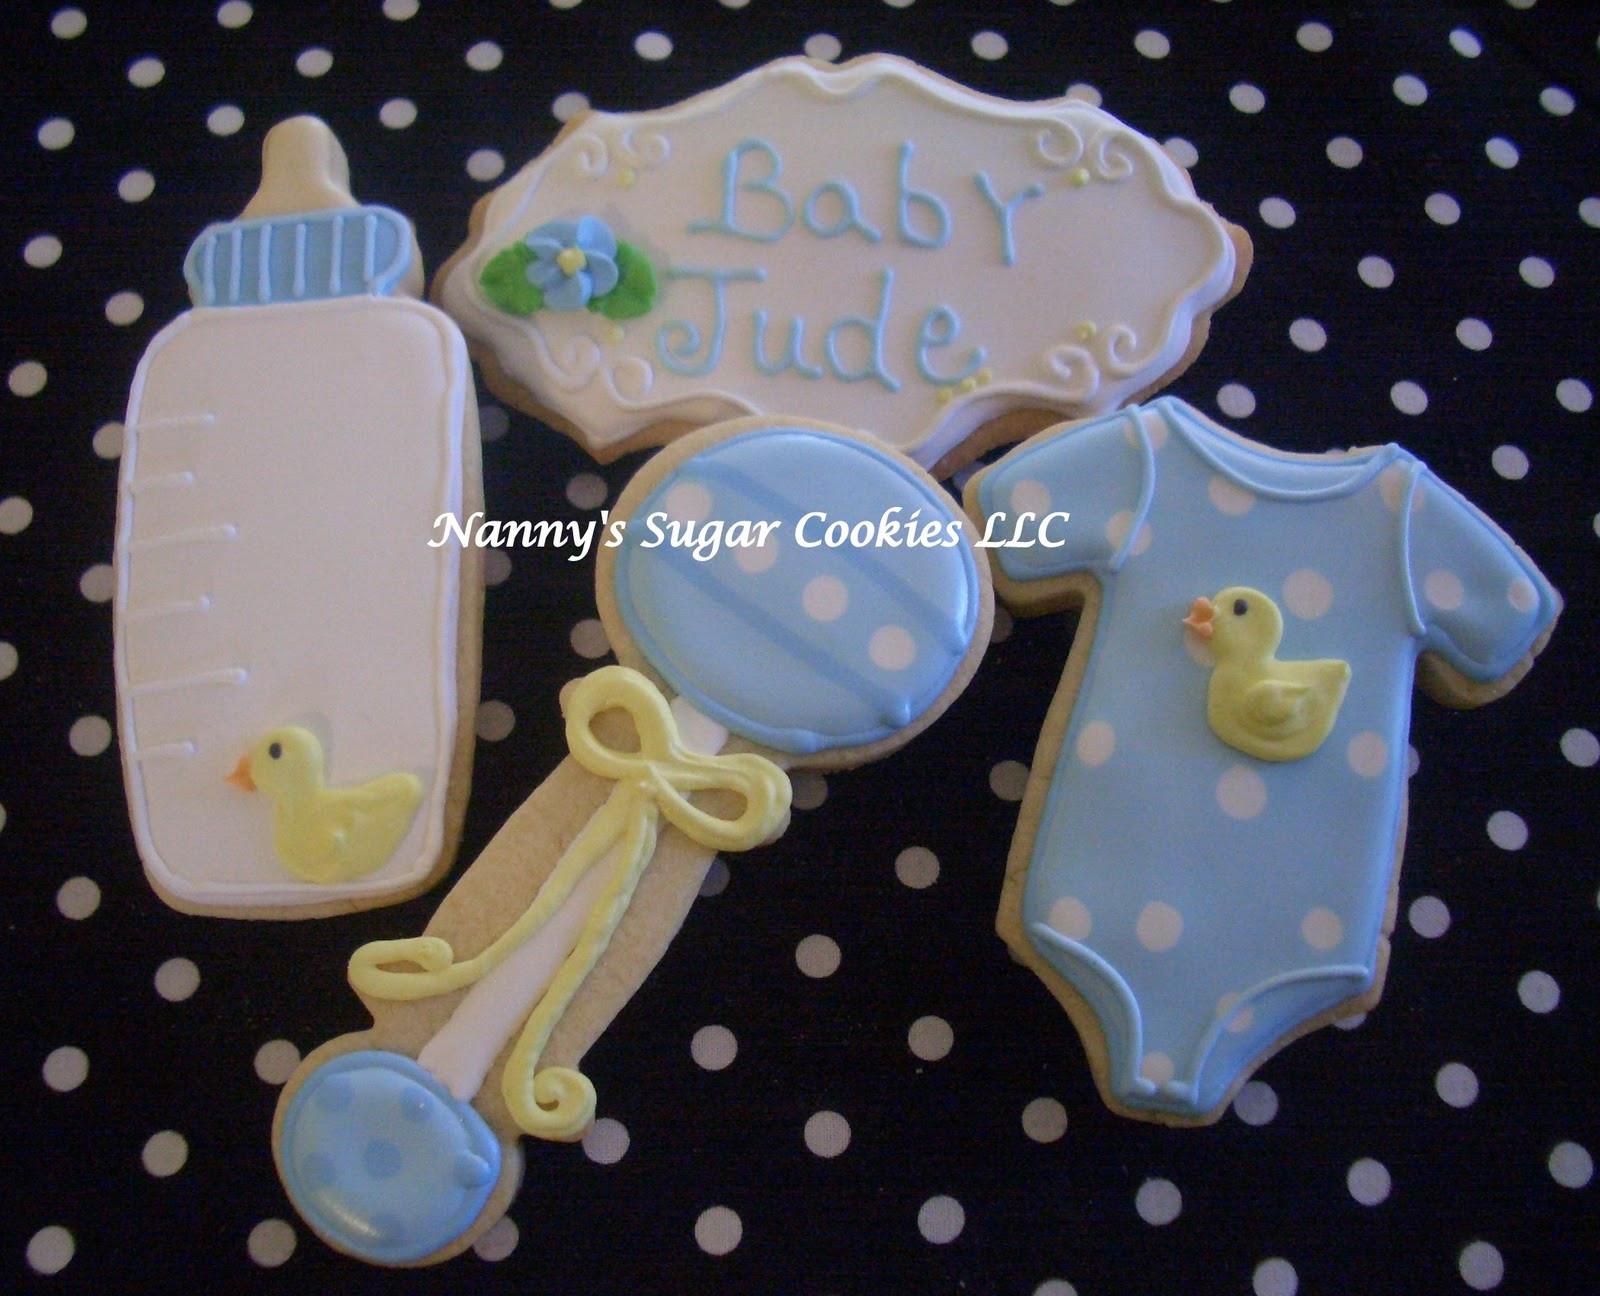 Baby Shower Sugar Cookies  Nanny s Sugar Cookies LLC Baby Shower Cookies